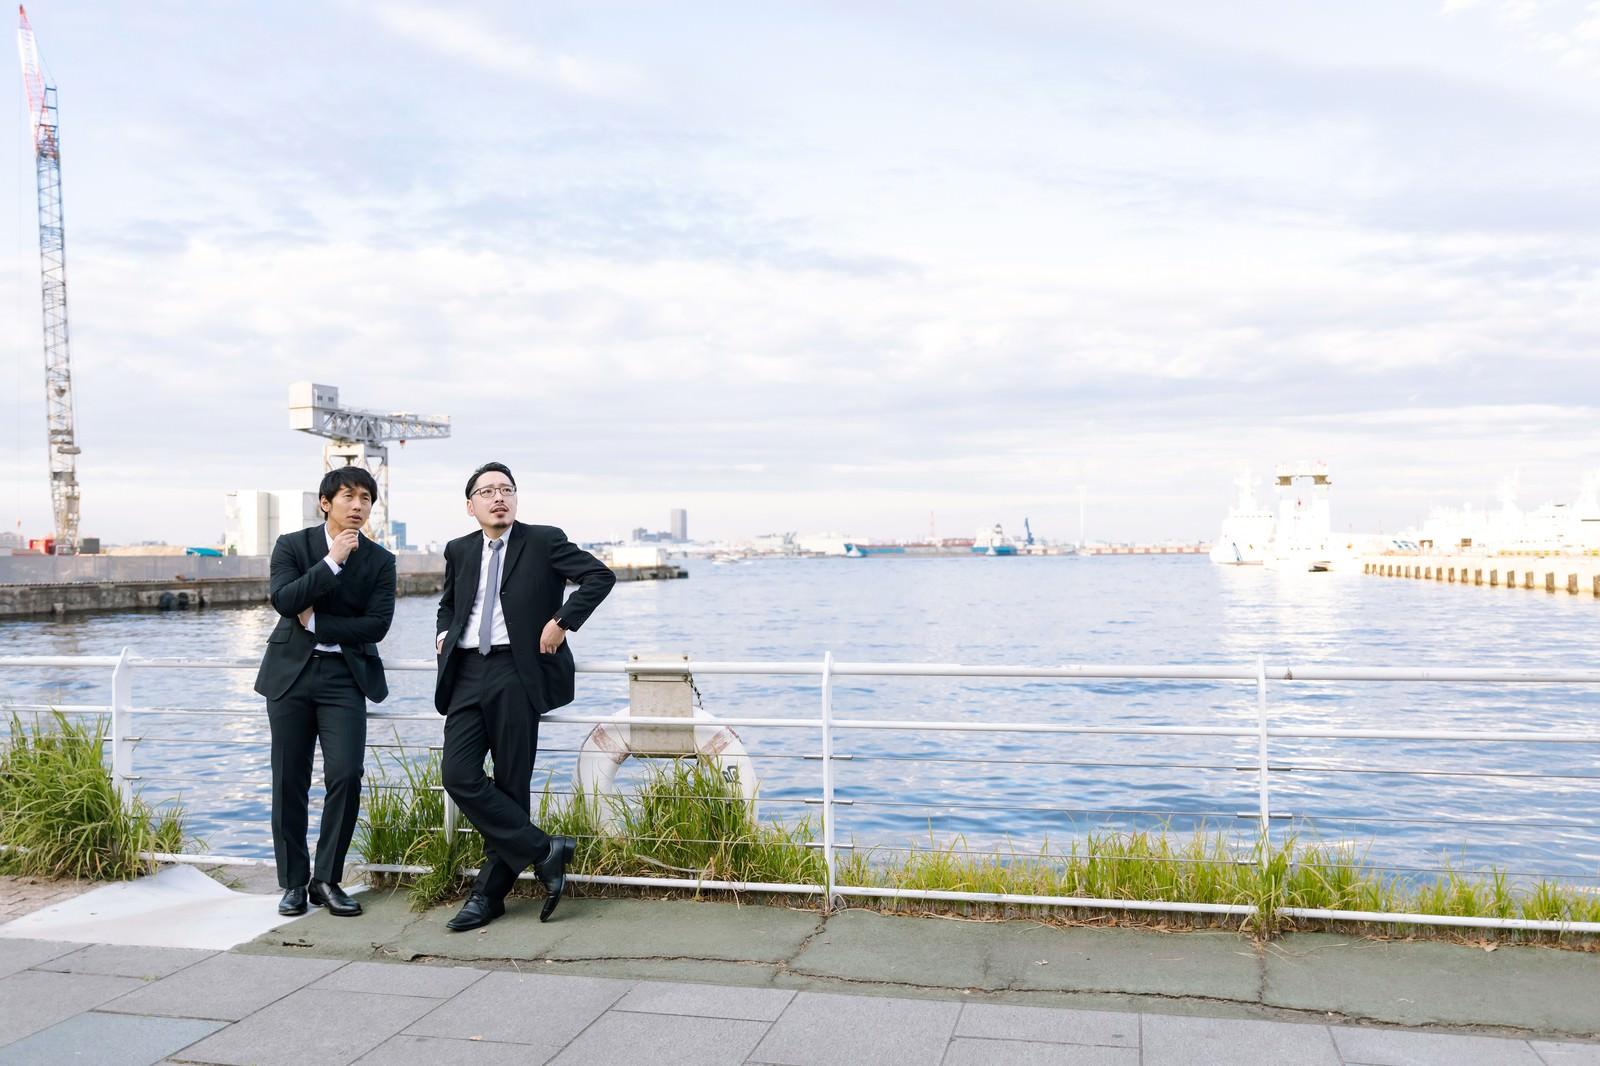 「港で張り込みをする刑事」の写真[モデル:大川竜弥 ゆうせい]